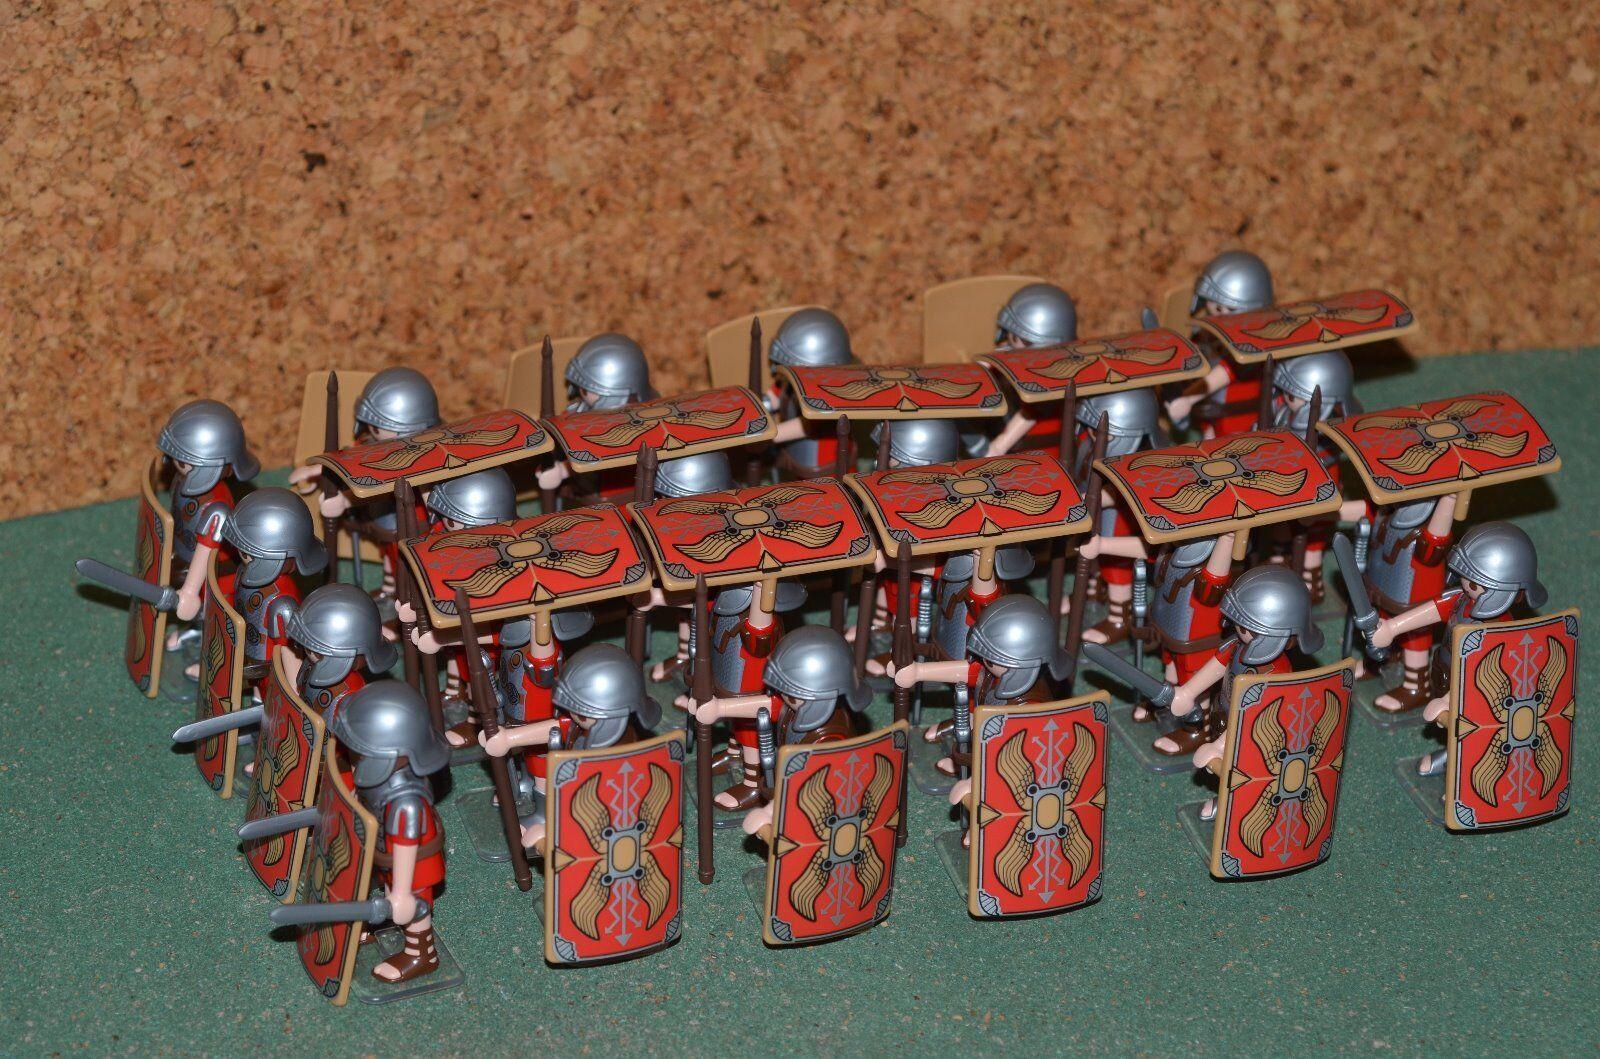 Playmobil, legión romana formación tortuga, pilum. x24 unidades. Legionario.